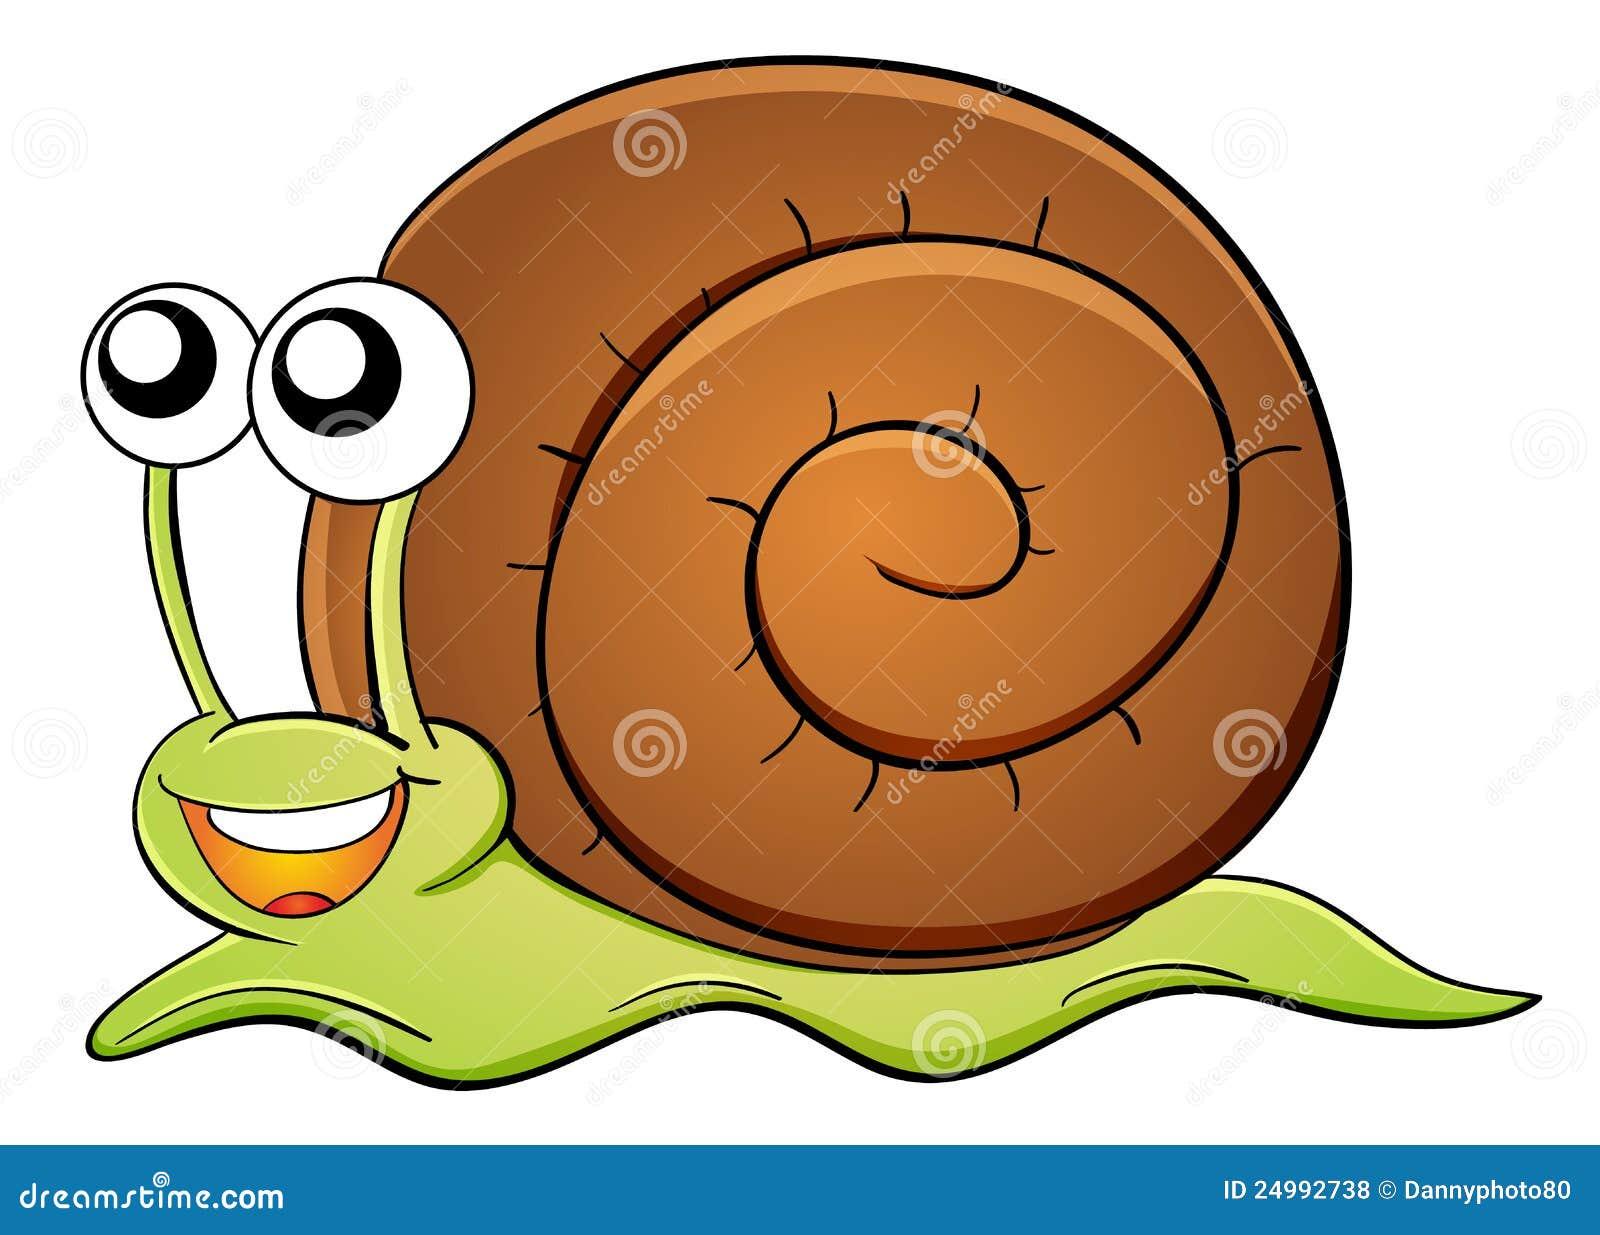 Dessin Animé D'escargot Photos libres de droits - Image: 24992738